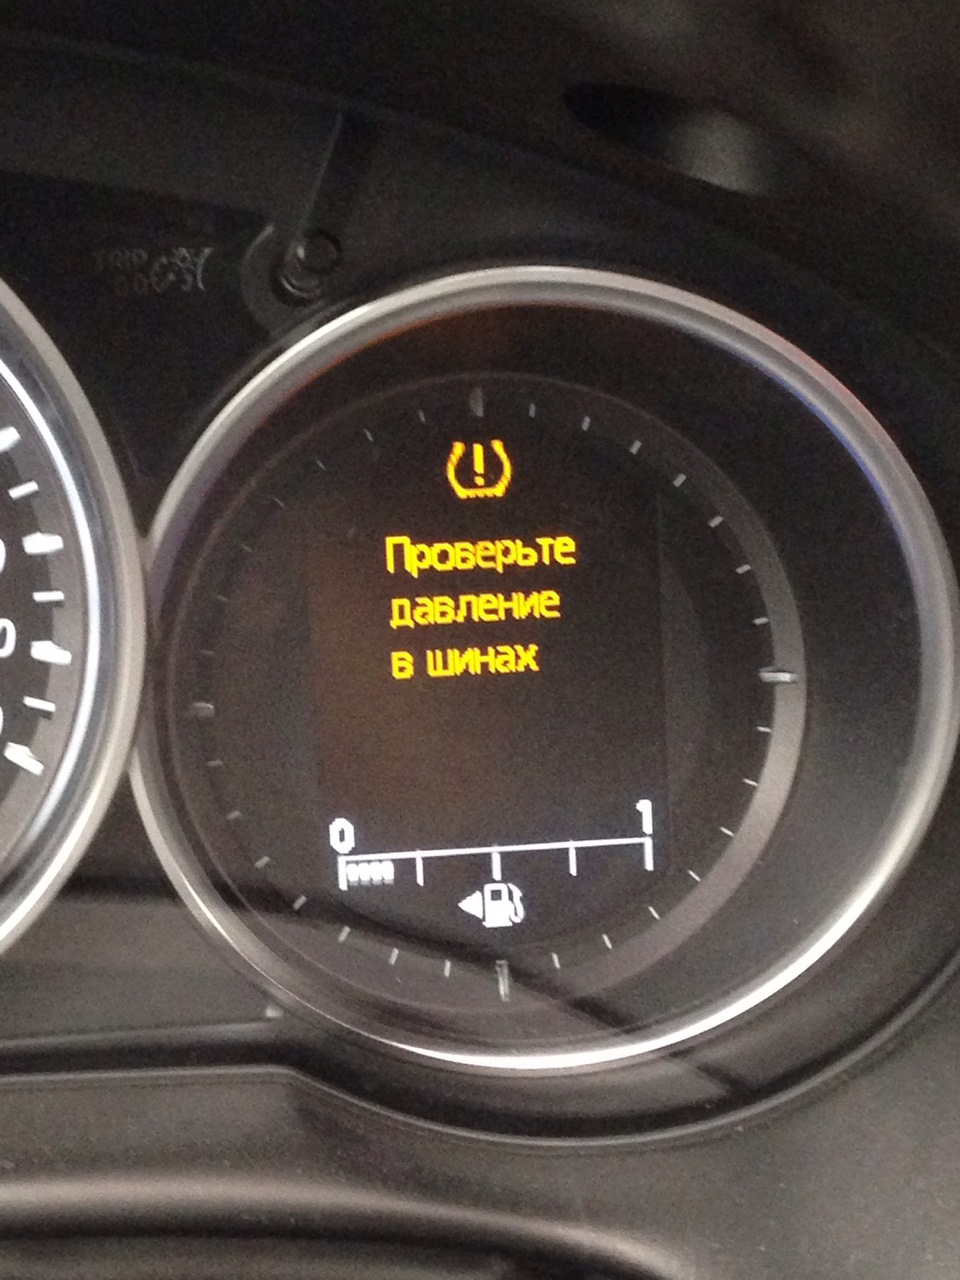 какое должно быть давление в шинах mazda 3 2012г